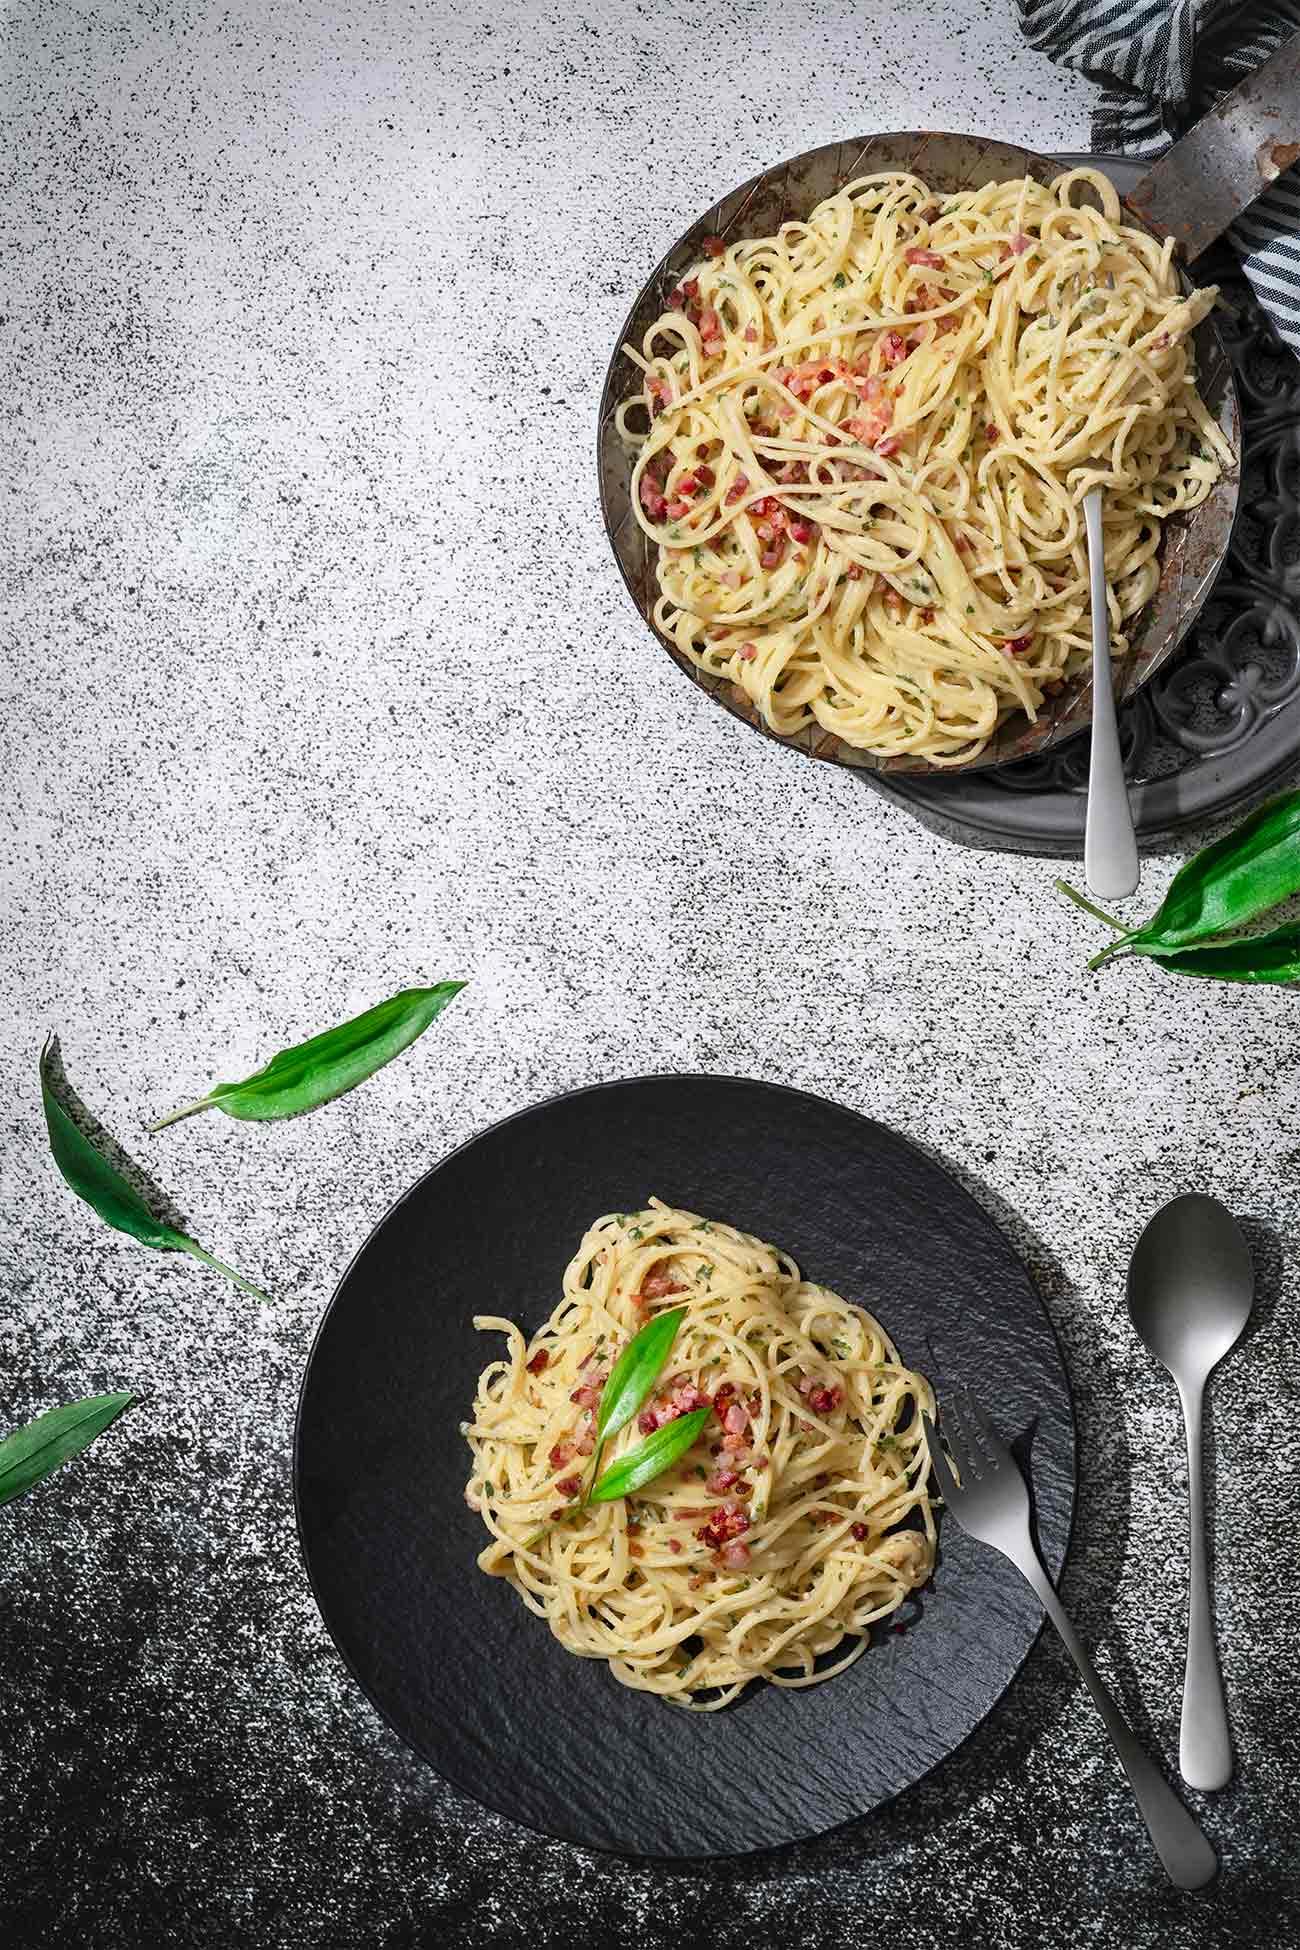 Schnell etwas Bärlauch gepflückt, Spaghetti gekocht und wenige Minuten später steht schon ein großer Teller Spaghetti Carbonara vor dir. So einfach kann kochen sein. Was stellt ihr mit dem ganzen Bärlauch an?